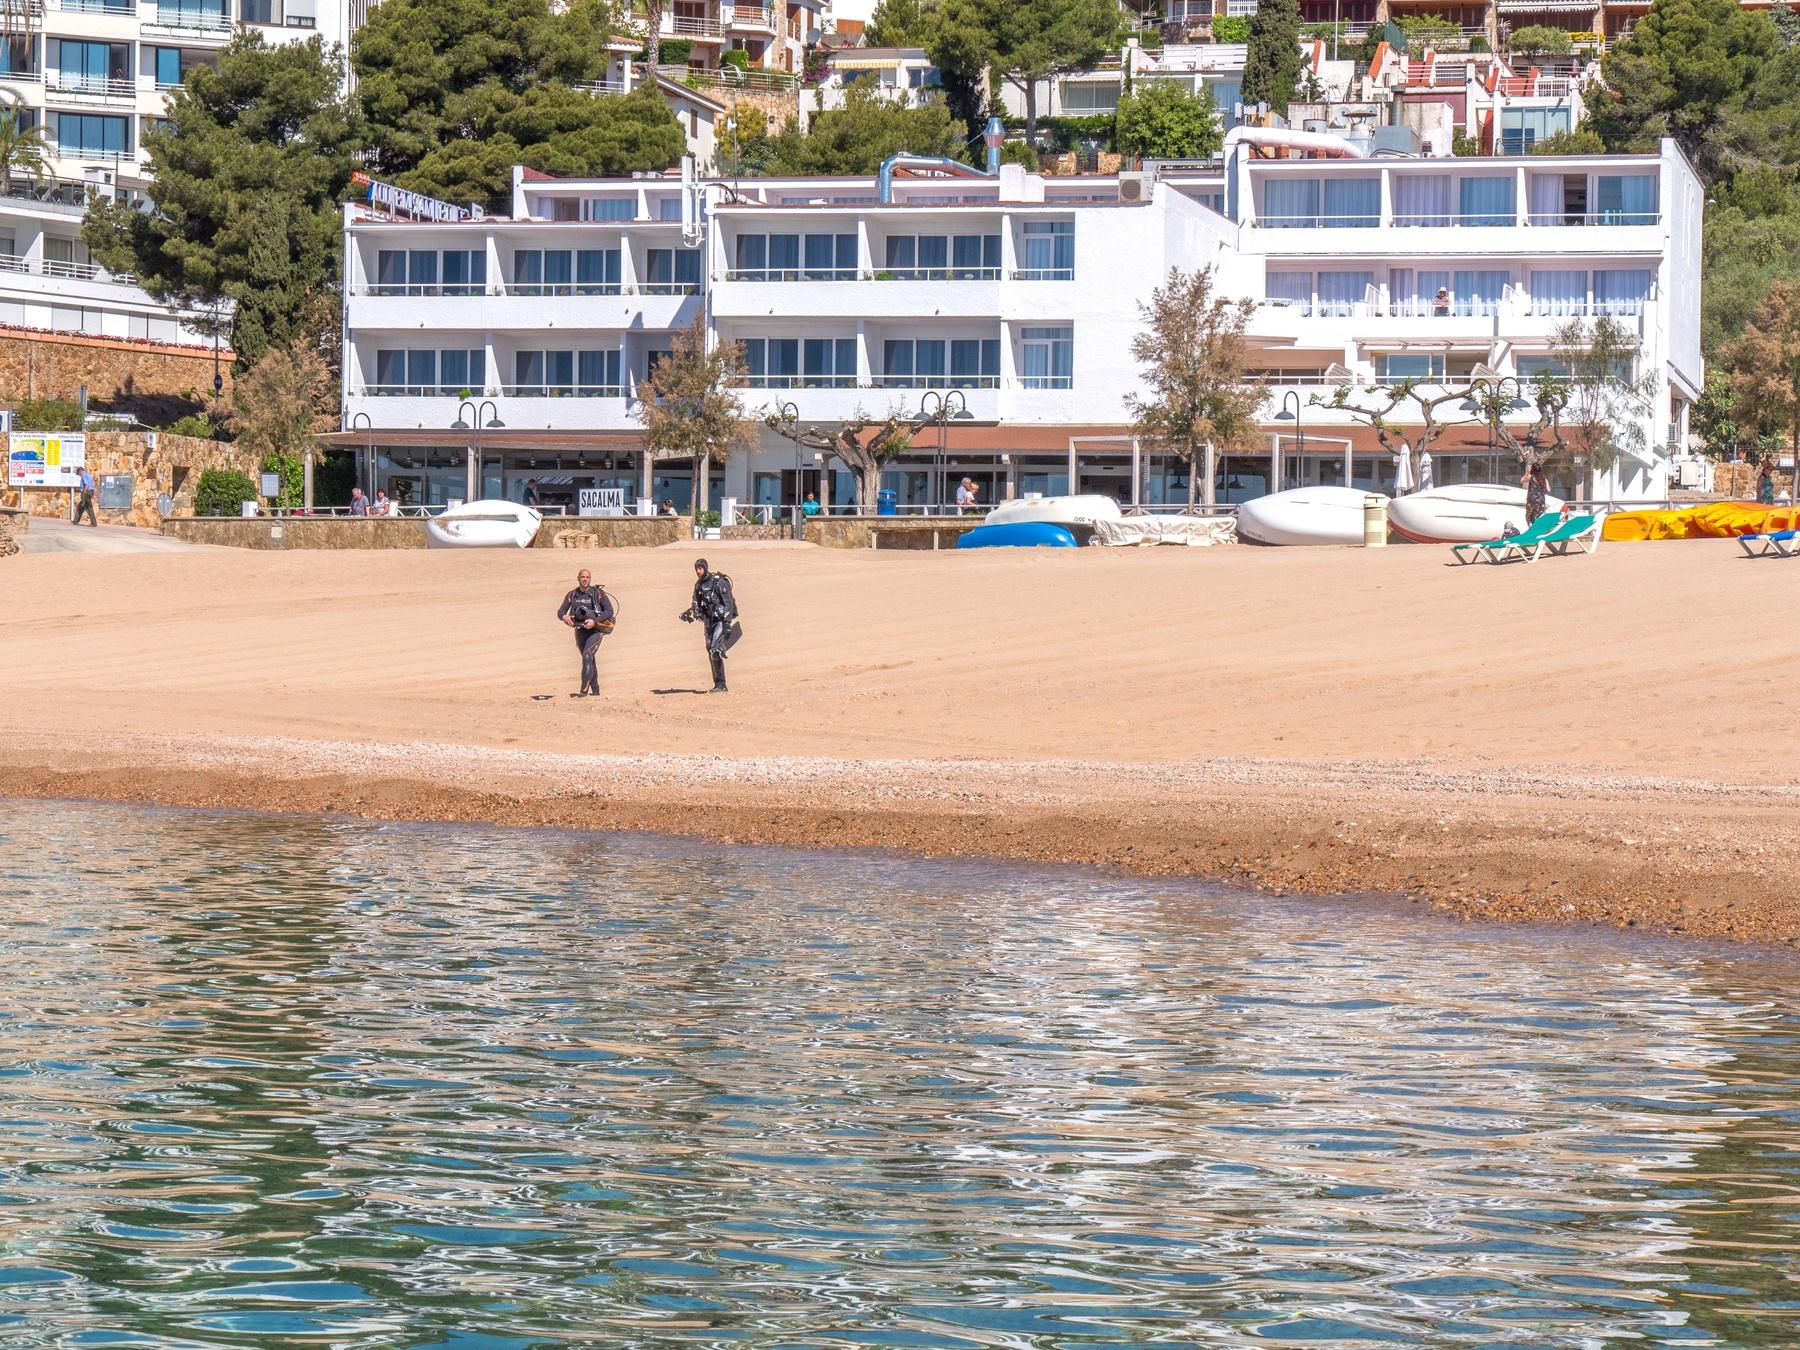 hotel buceo Costa Brava hoteles submarinismo Costa Brava